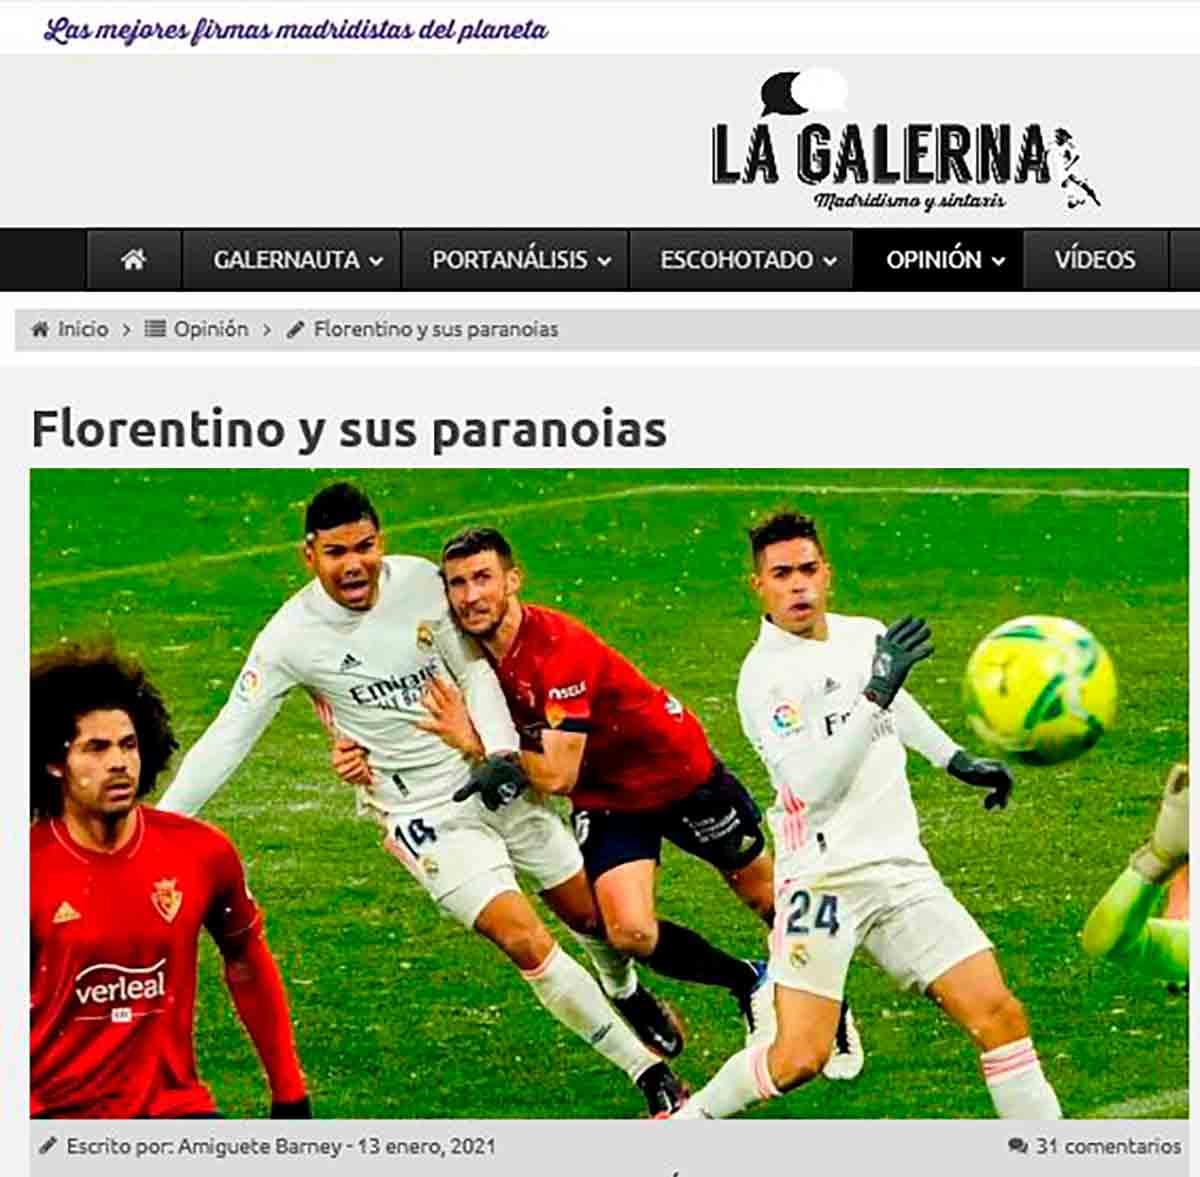 Florentino y sus paranoias